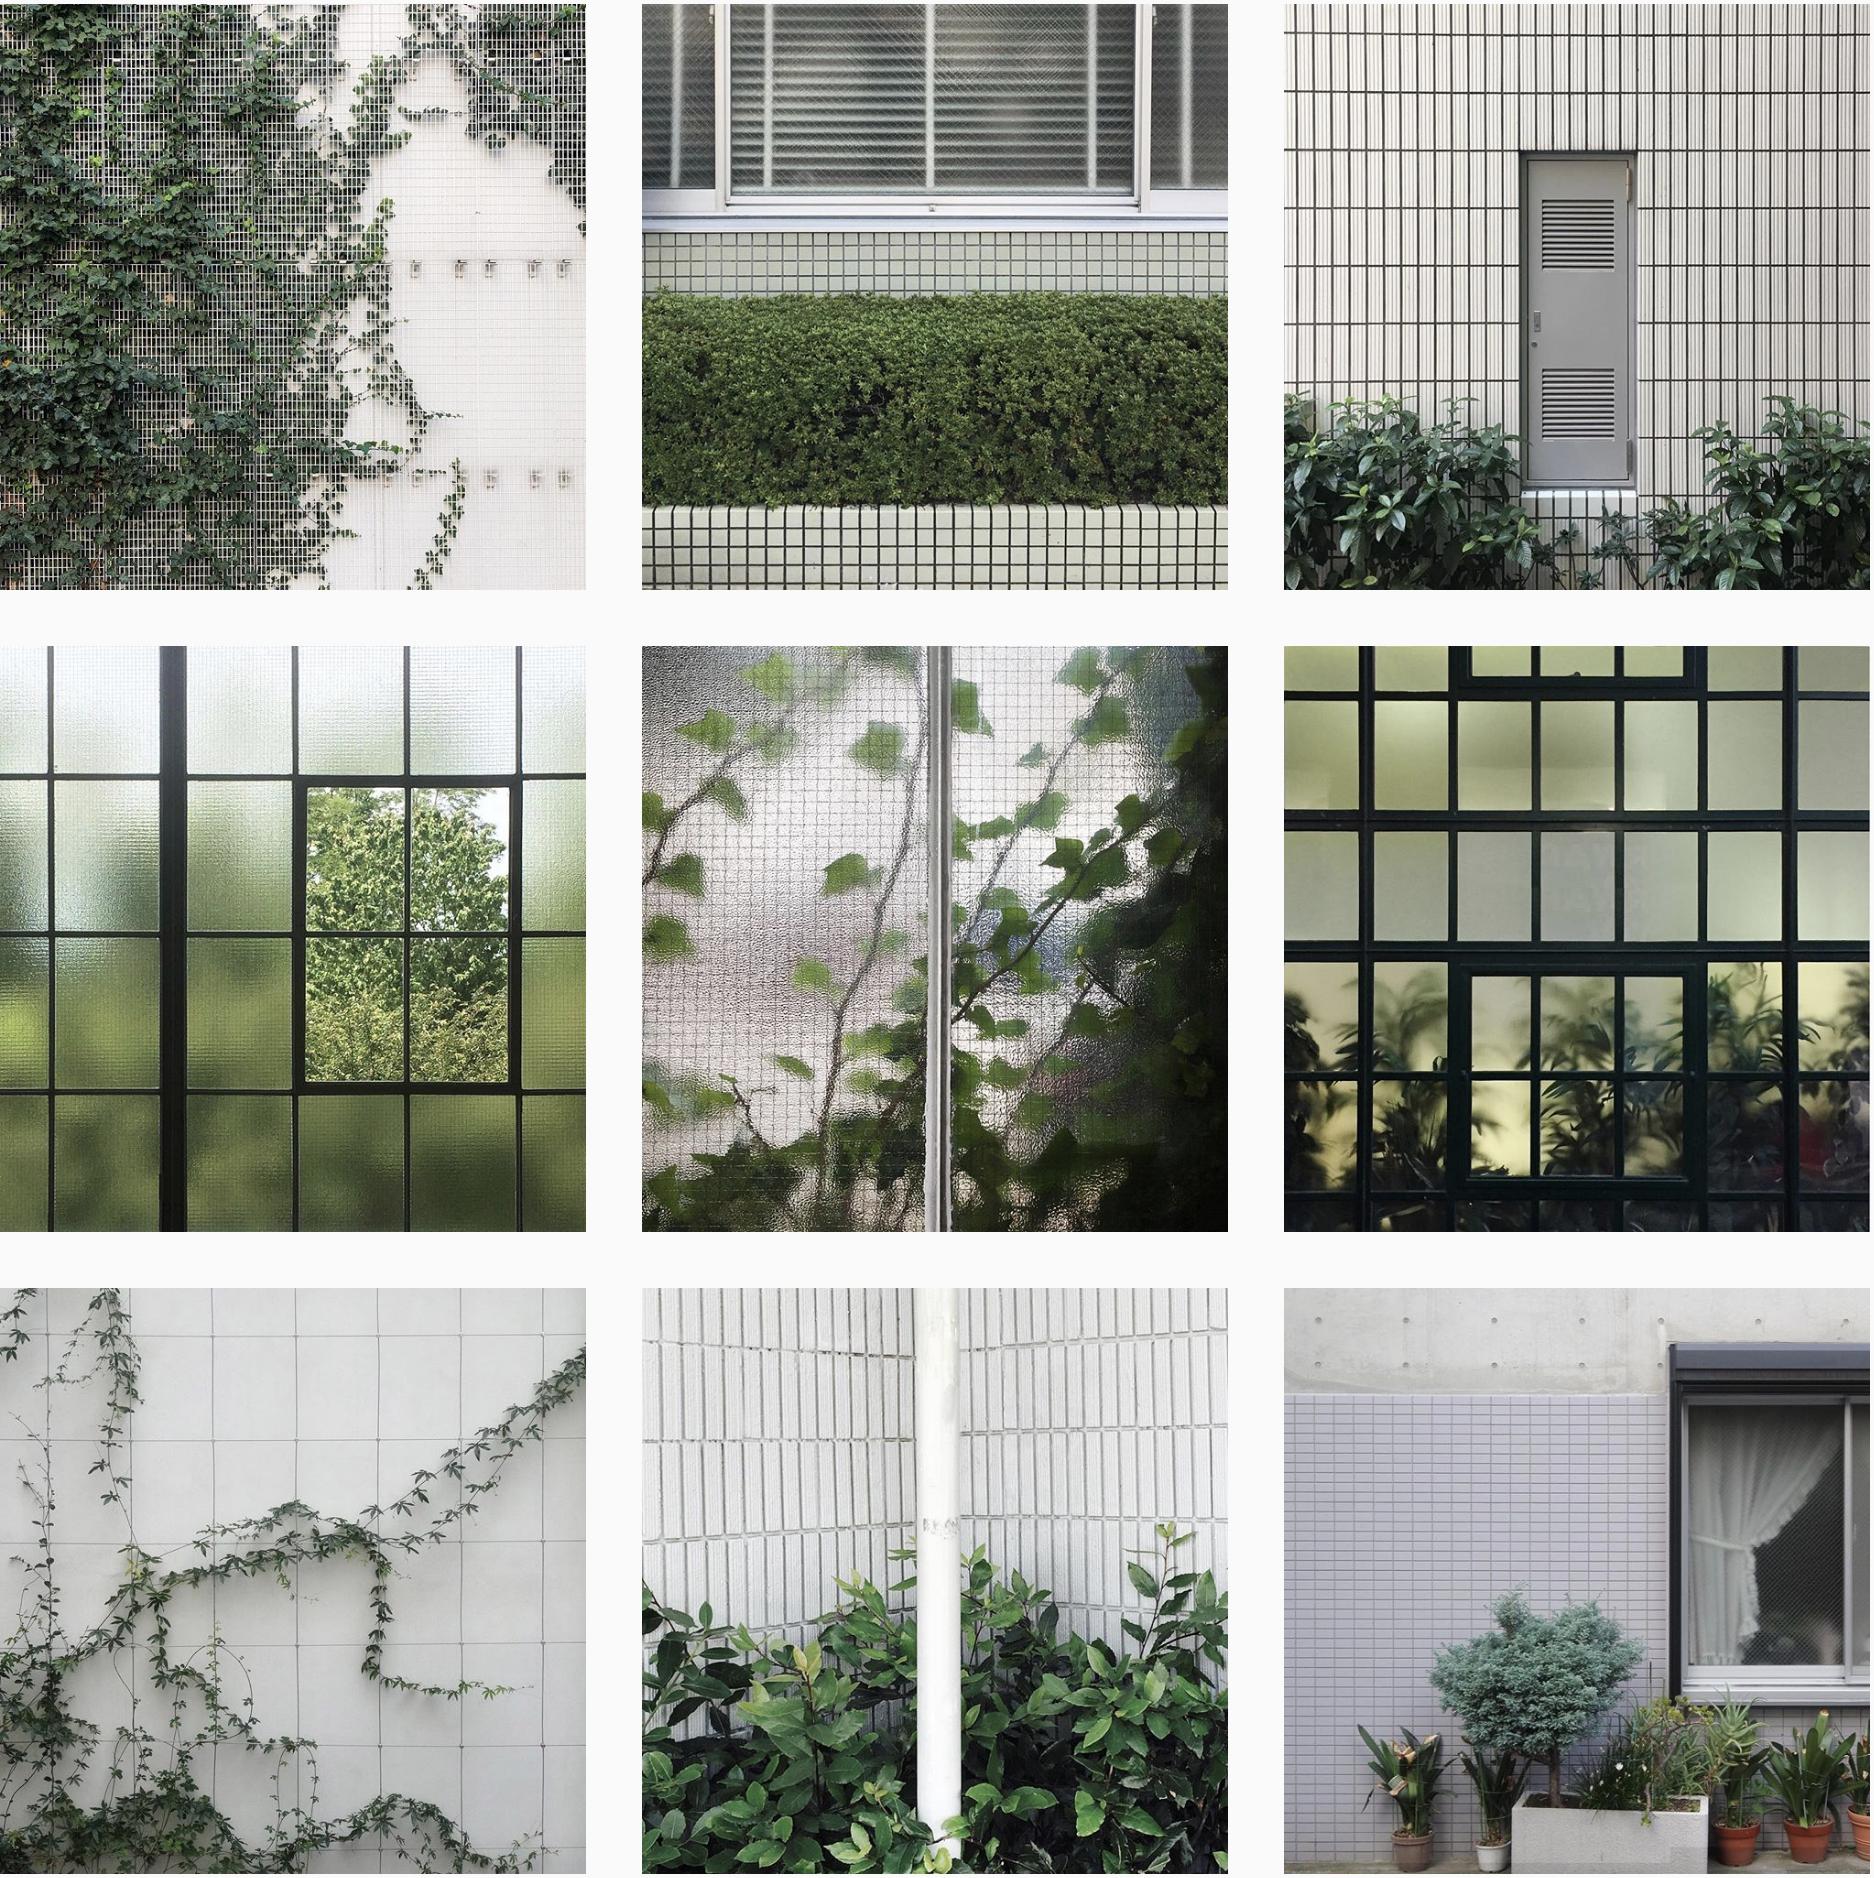 plantsgrids3